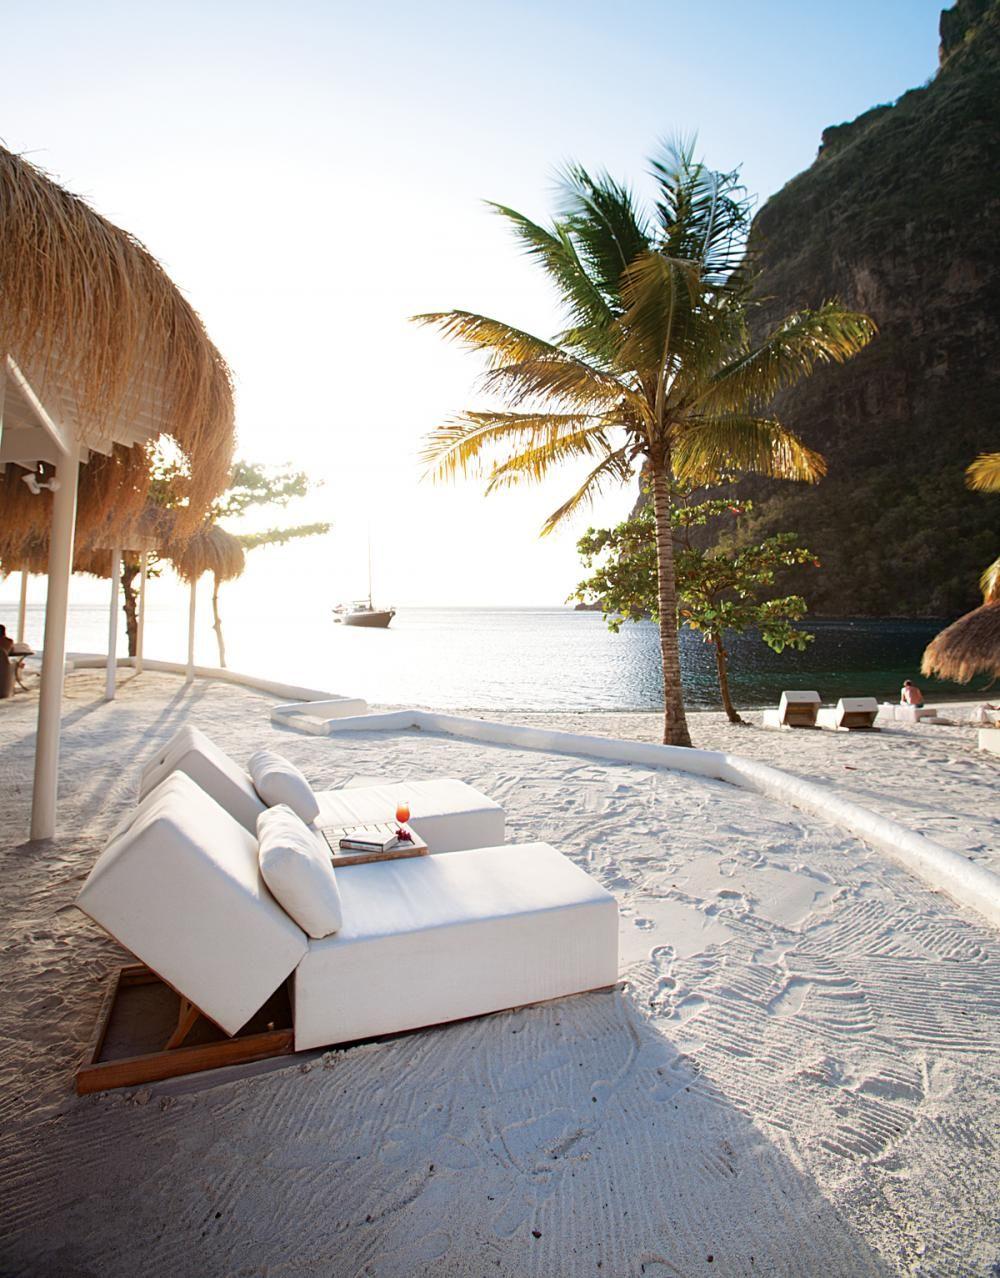 Beach wedding spots  Sugar Beach St Lucia  travel  Pinterest  Sugar beach st lucia